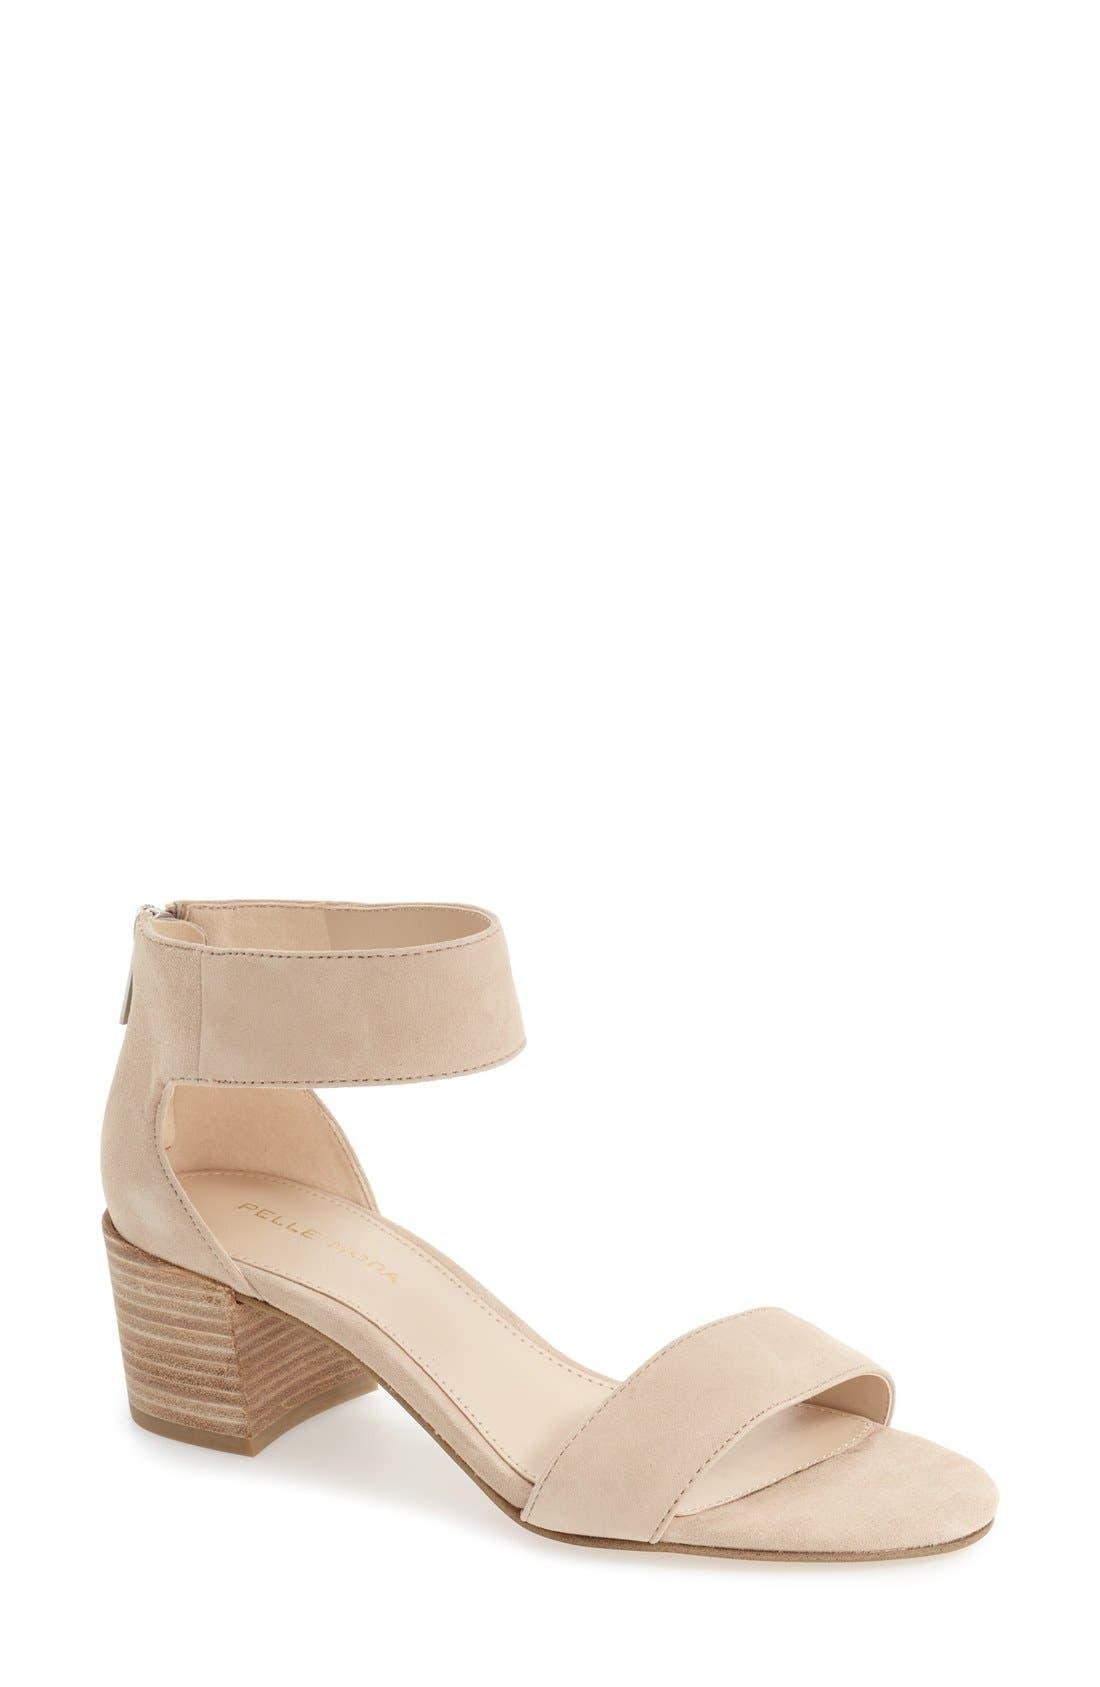 Pella Moda 'Urban' Block Heel Sandal,                             Main thumbnail 3, color,